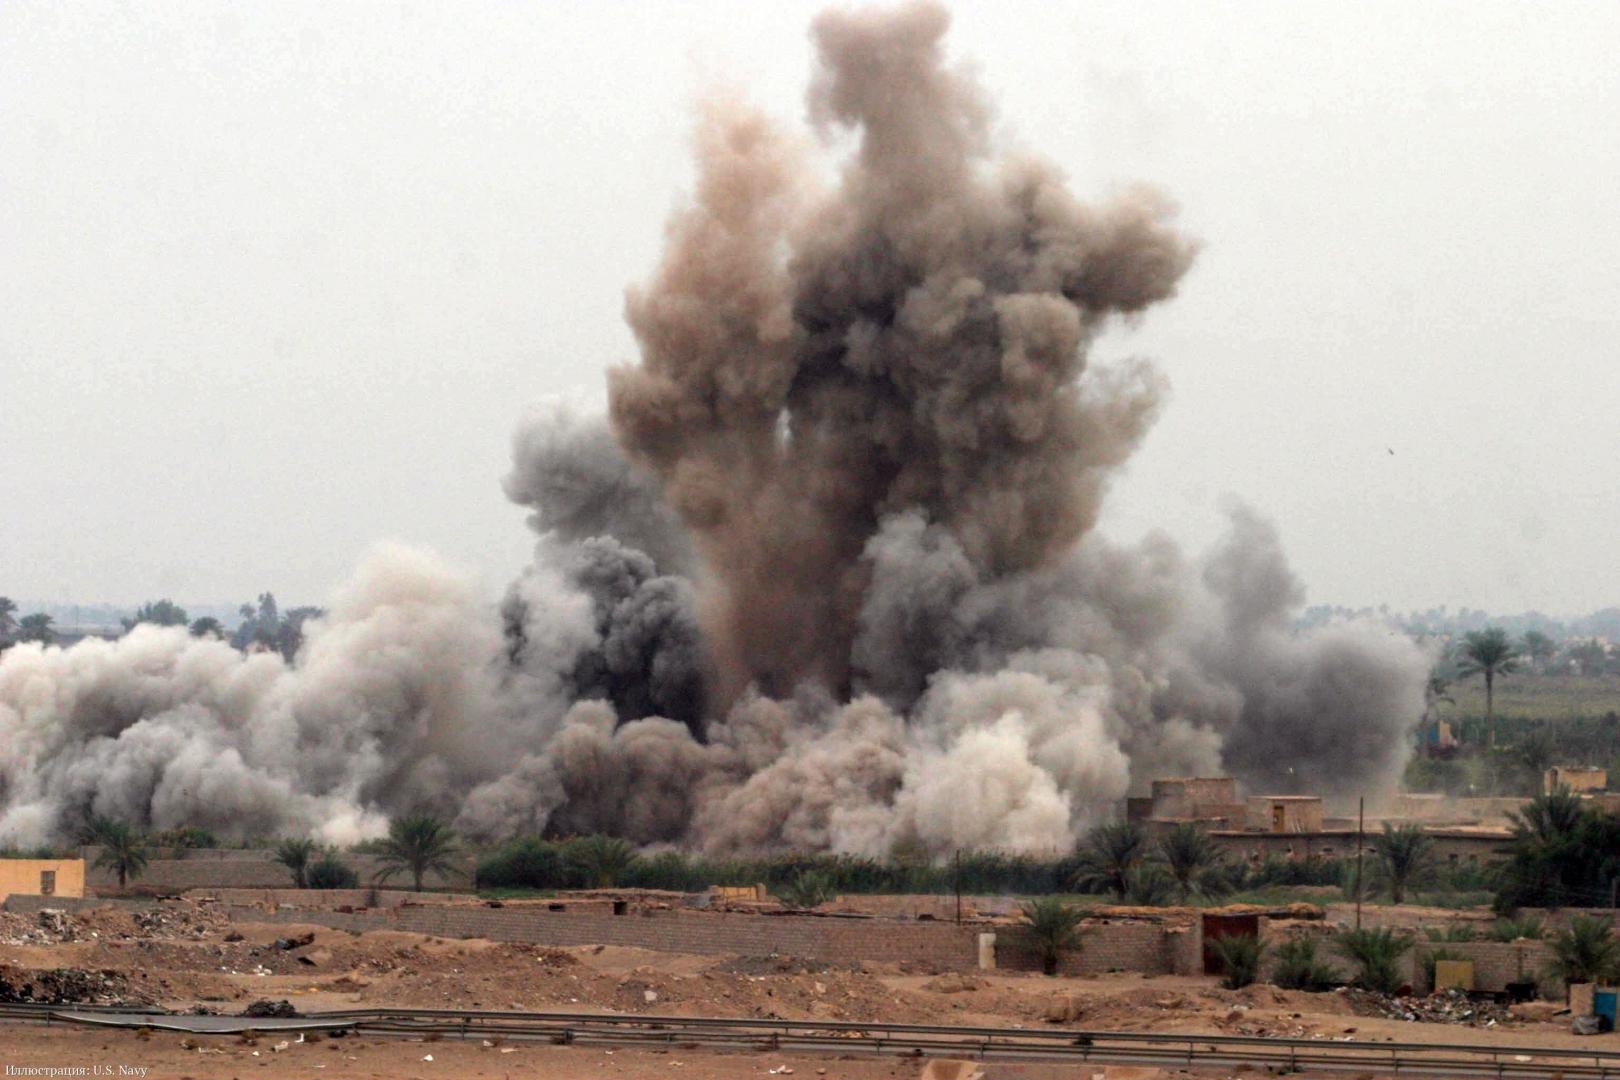 ВВС Афганистана ликвидировали на северо-западе страны 14 боевиков и главаря талибов